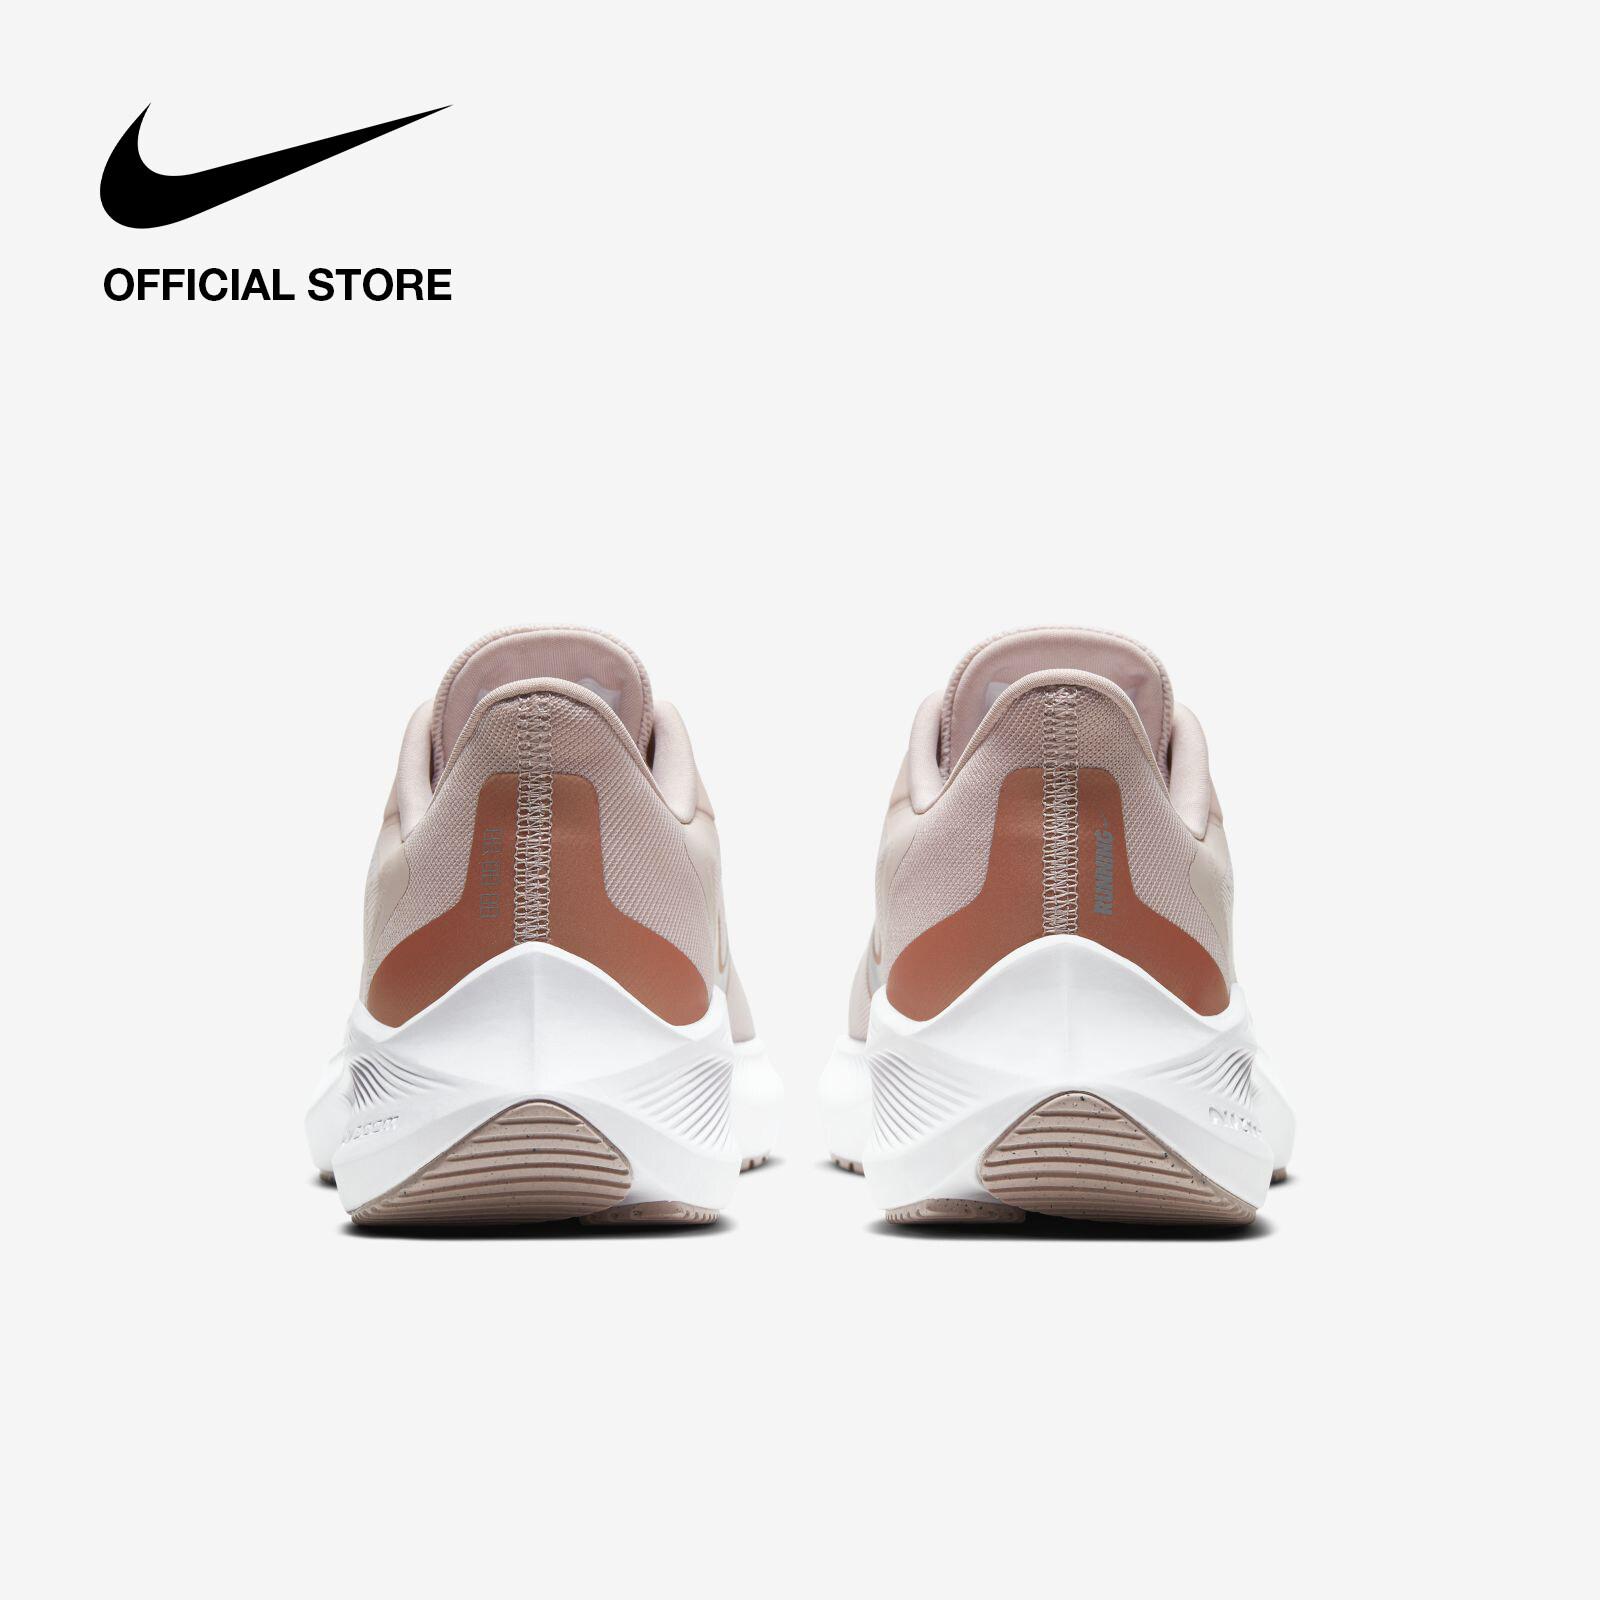 Nike Women's Zoom Winflo 7 Running Shoes - Barely Rose ไนกี้ รองเท้าวิ่งผู้หญิง ซูม วินโฟล 7 - สีชมพู